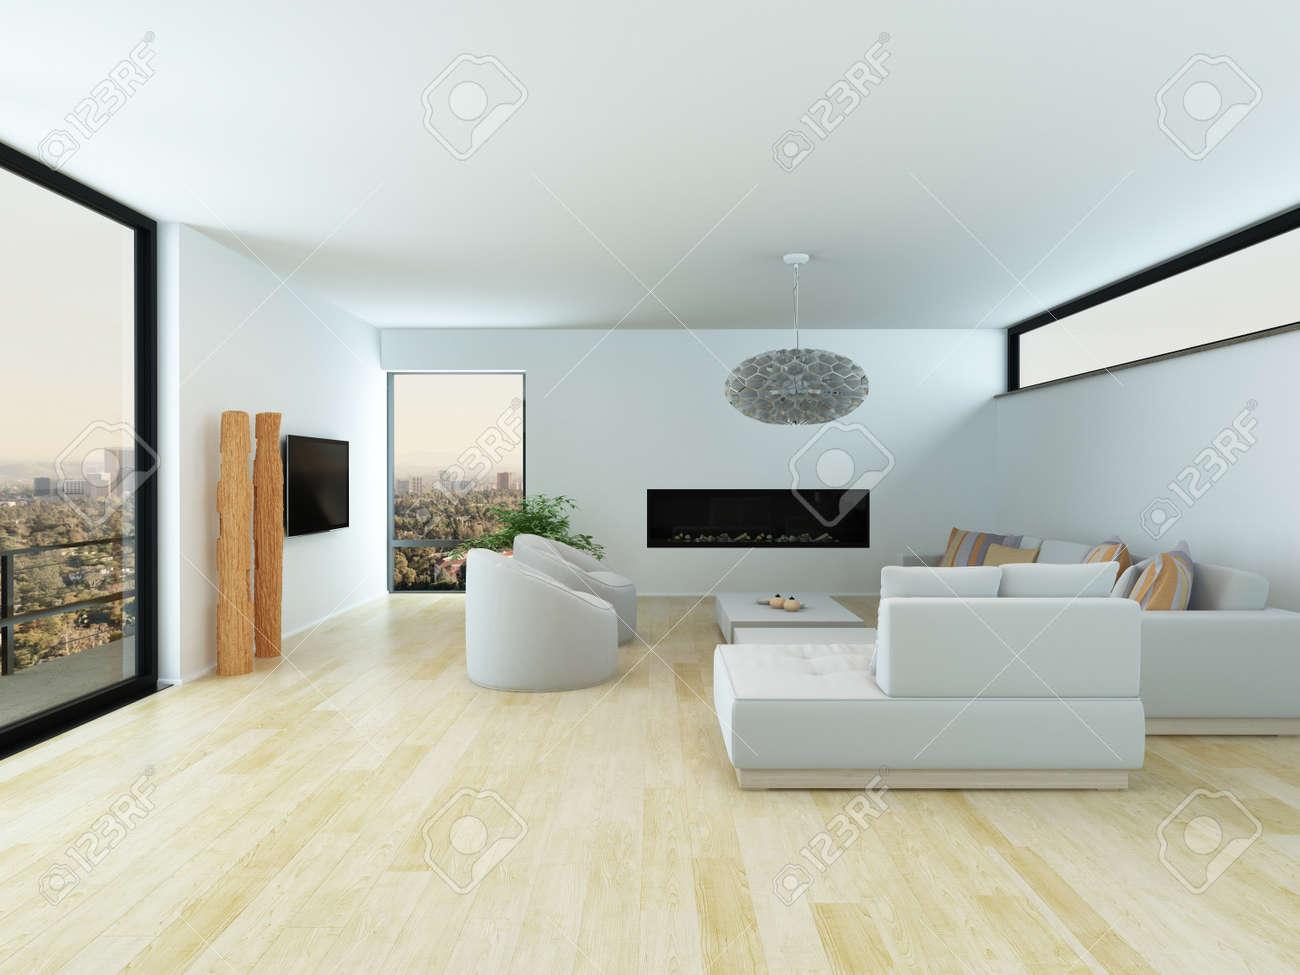 Incroyable Banque Du0027images   Moderne Intérieur Blanc Du Salon Avec Un Sol Léger Parquet,  Blanc Suite Salon Et Une Grande Fenêtre De Vue Sur Une Ville, 3d Render